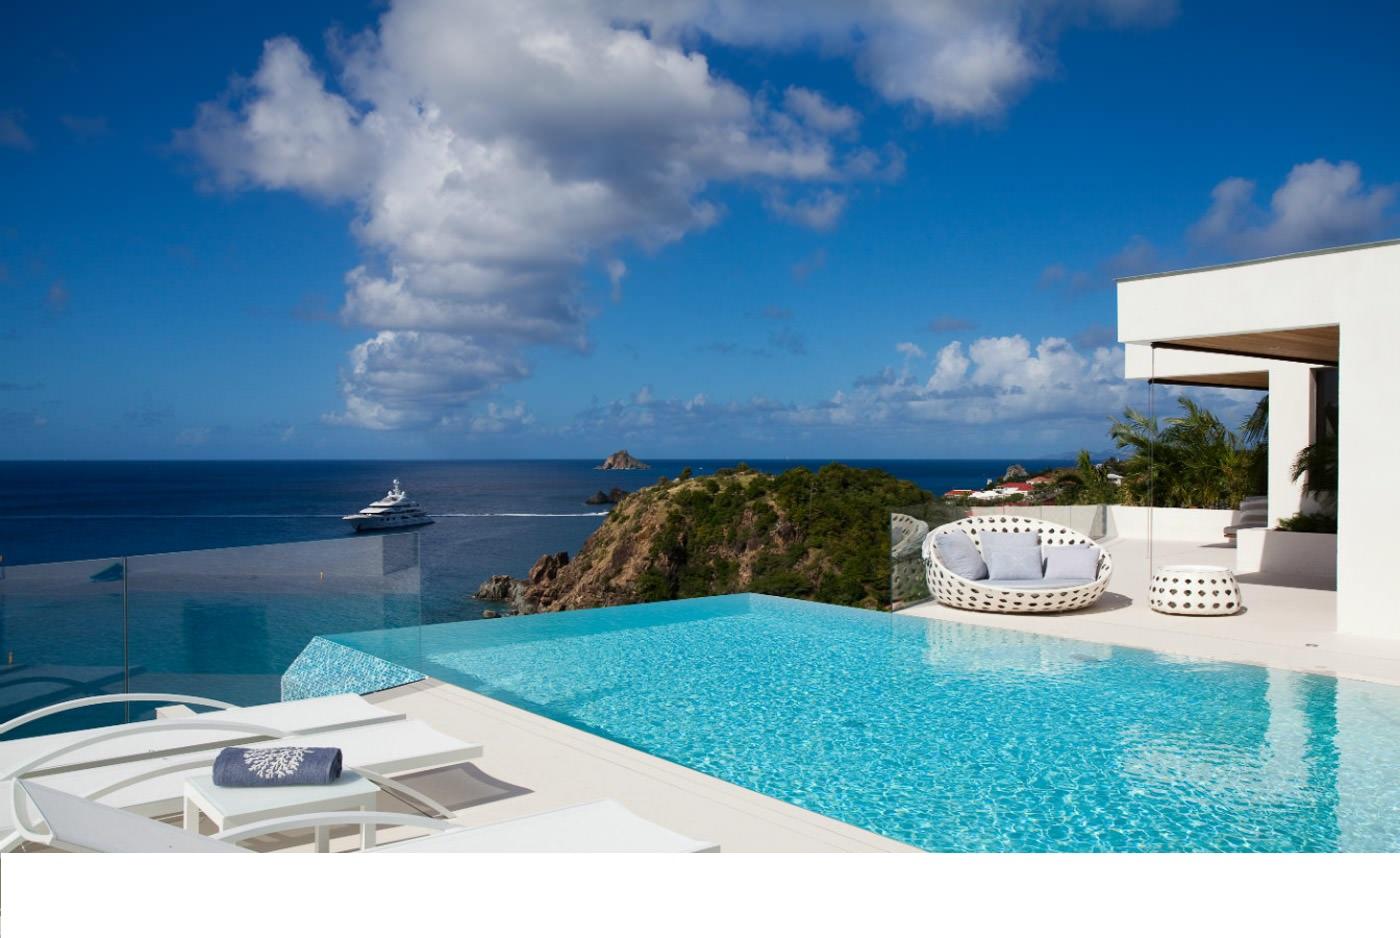 Location saint barthelemy villa de luxe avec piscine priv e st barth for Villa luxe mer